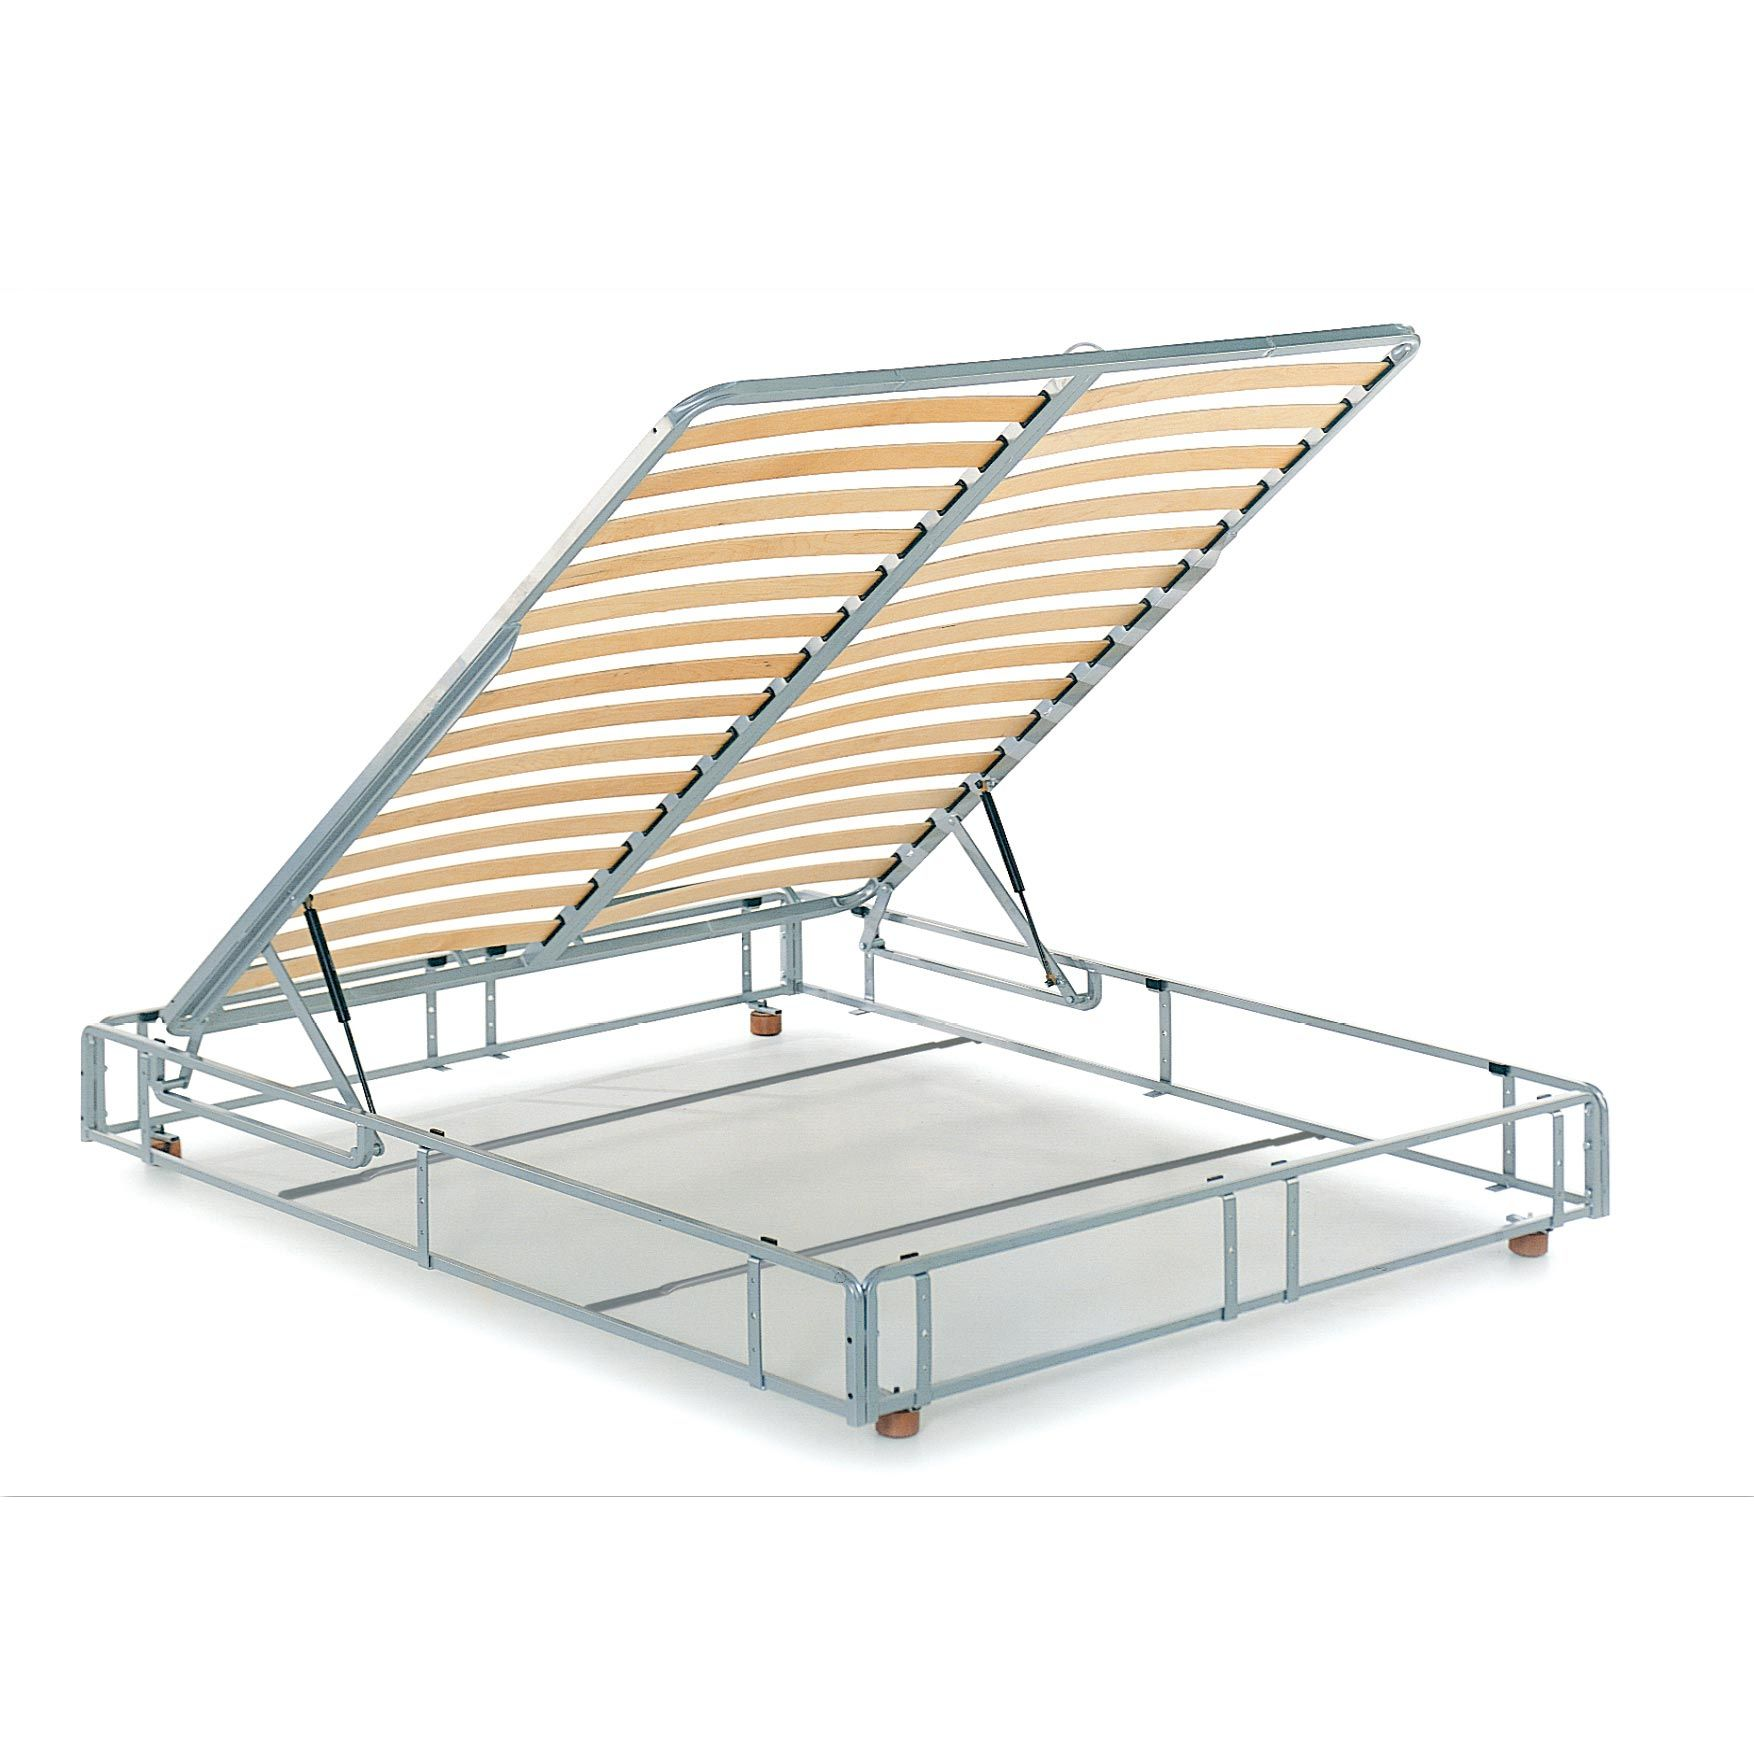 Reti materassi e trasformabili reti da letto con for Spalliere letto ikea